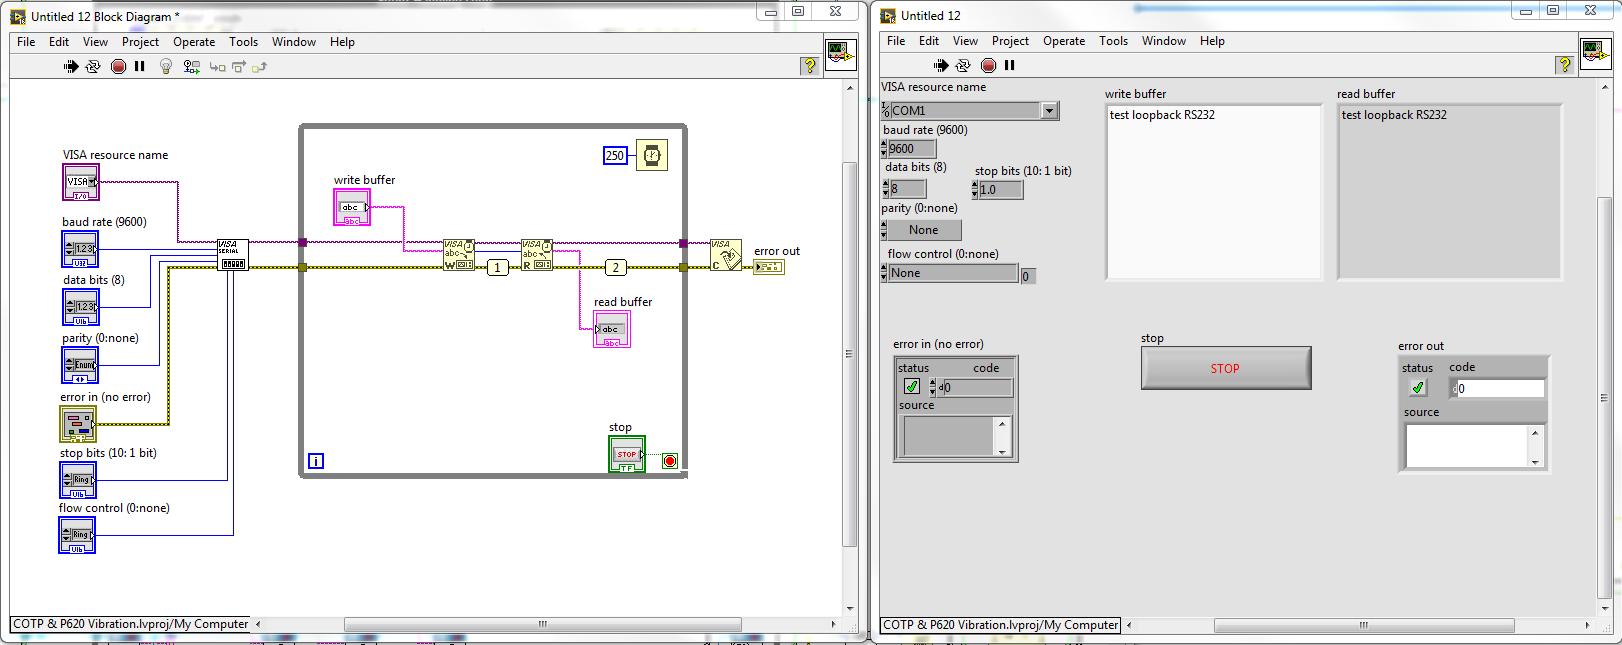 Bagaimana Cara Membuat Hmi Dari Power Meter Pm5350 Schneider Dengan Wiring Diagram Loopback